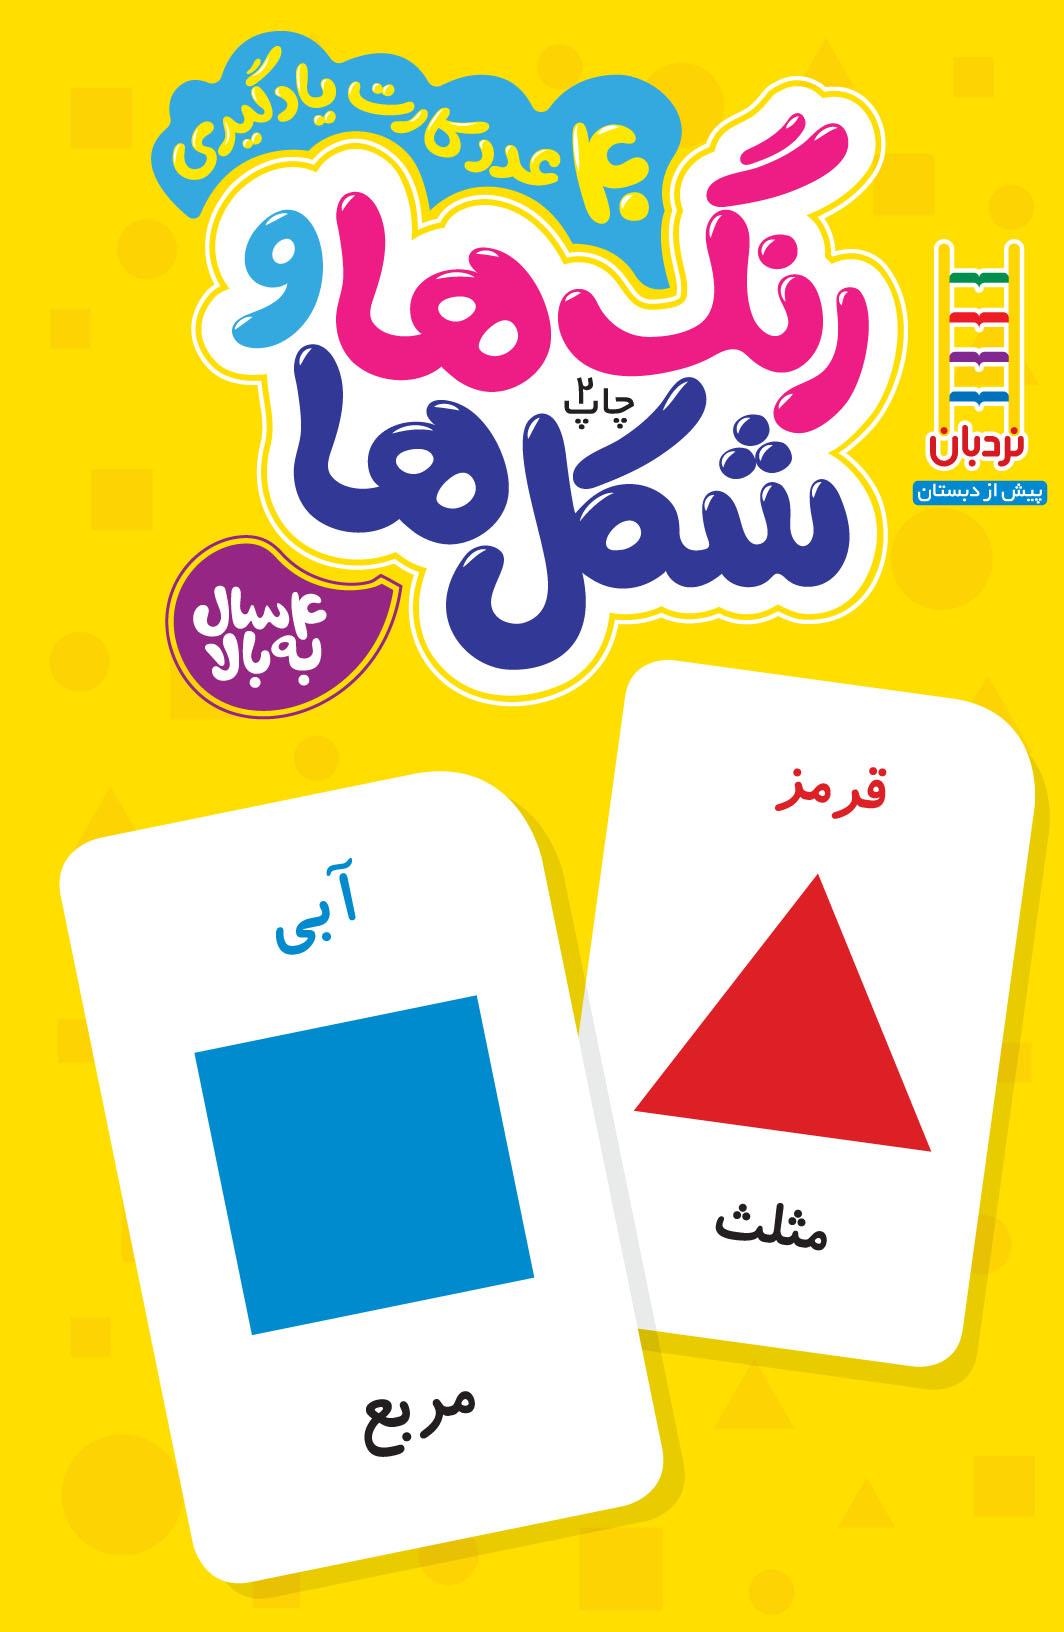 رنگها و شکلها (کارتهای زبانآموزی)...